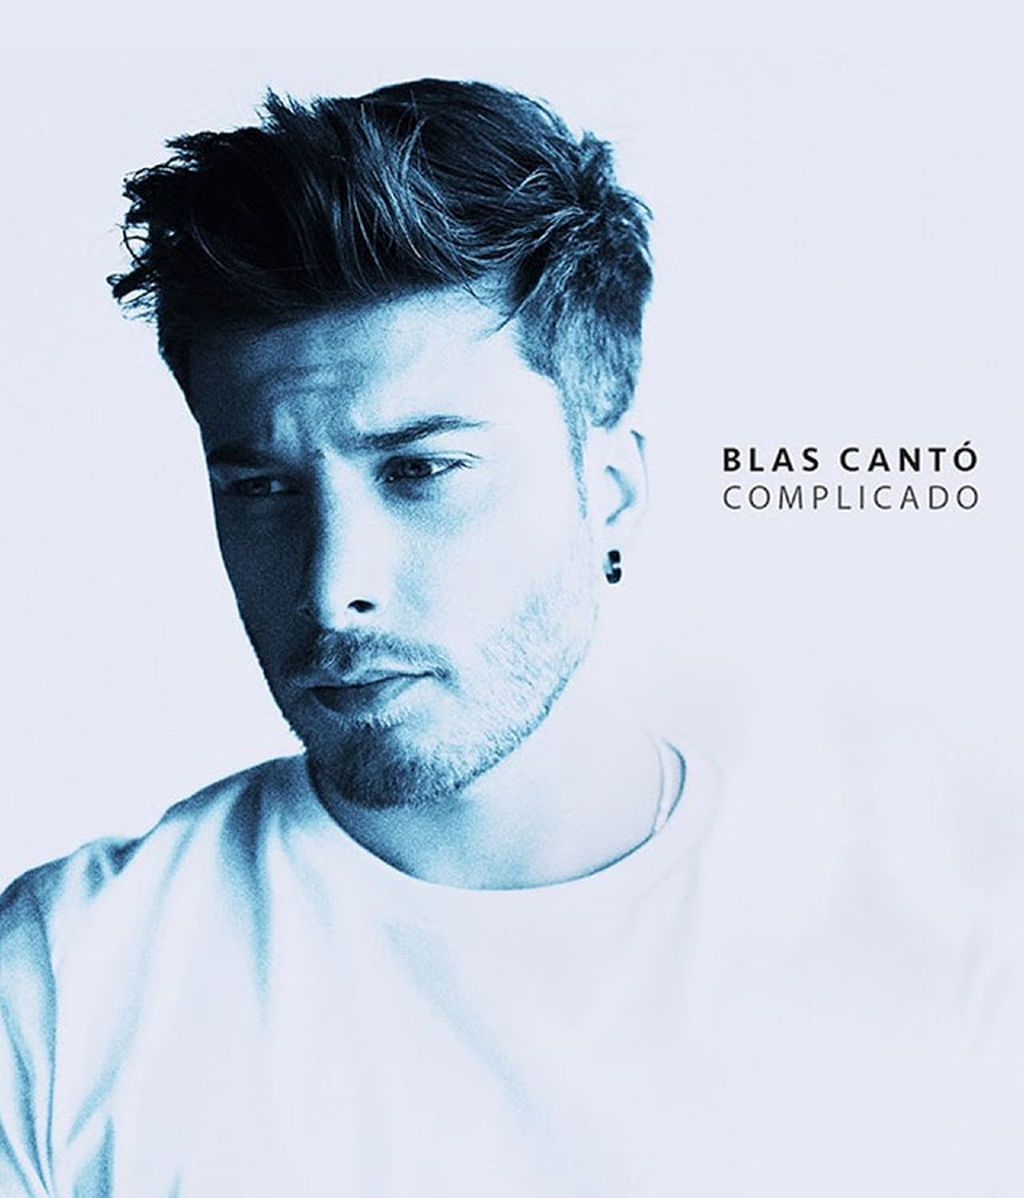 Blas Cantó visita Mediaset España para contarnos que #BlasCantoNoEsComplicado